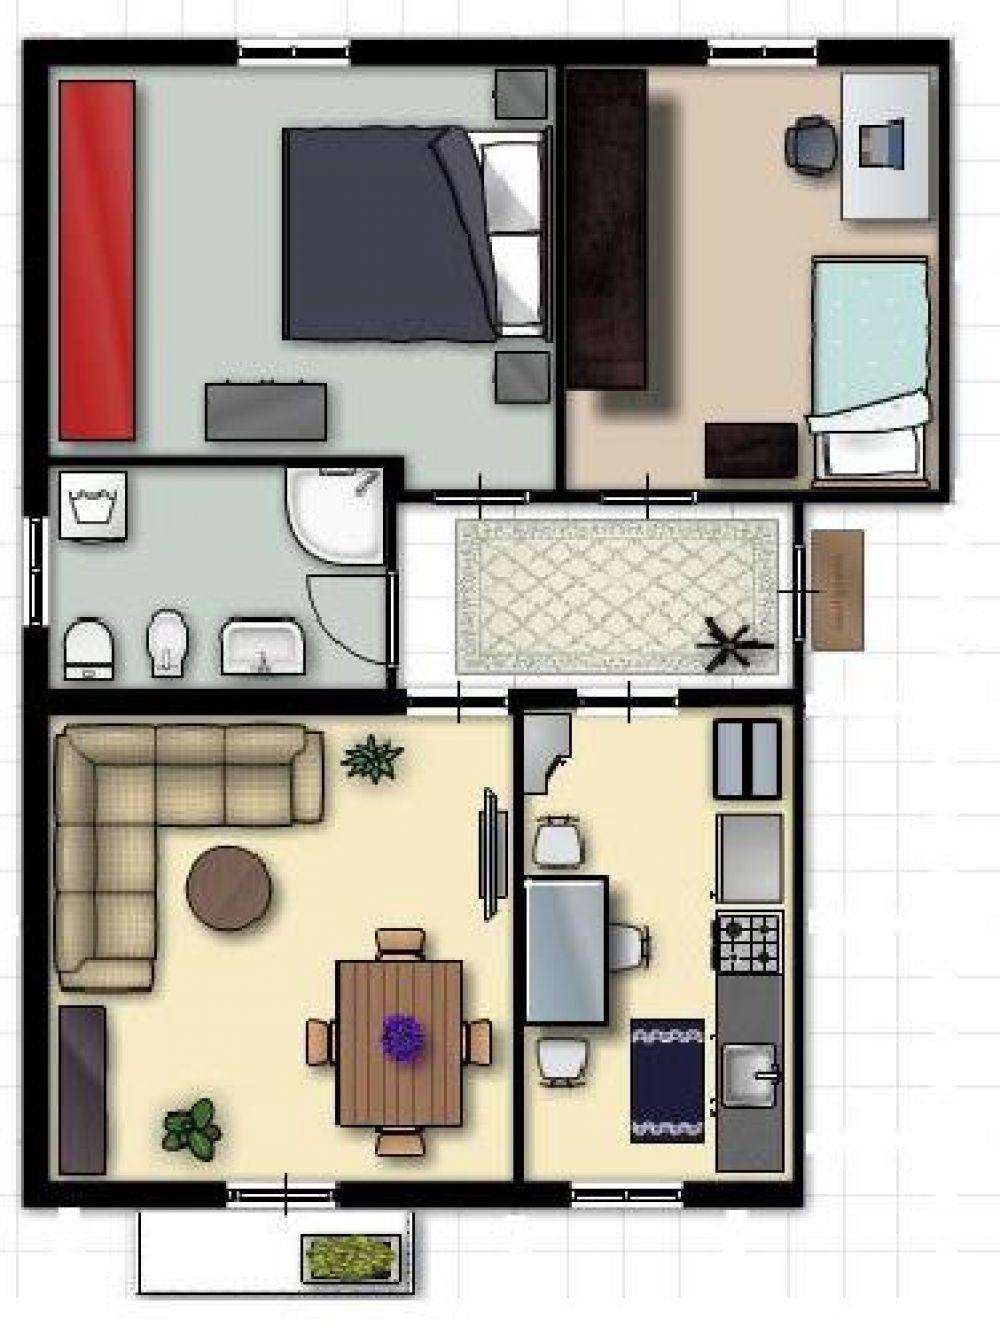 Fidenza appartamenti ristrutturati in palazzina da sei unita 39 for Case progettate da architetti